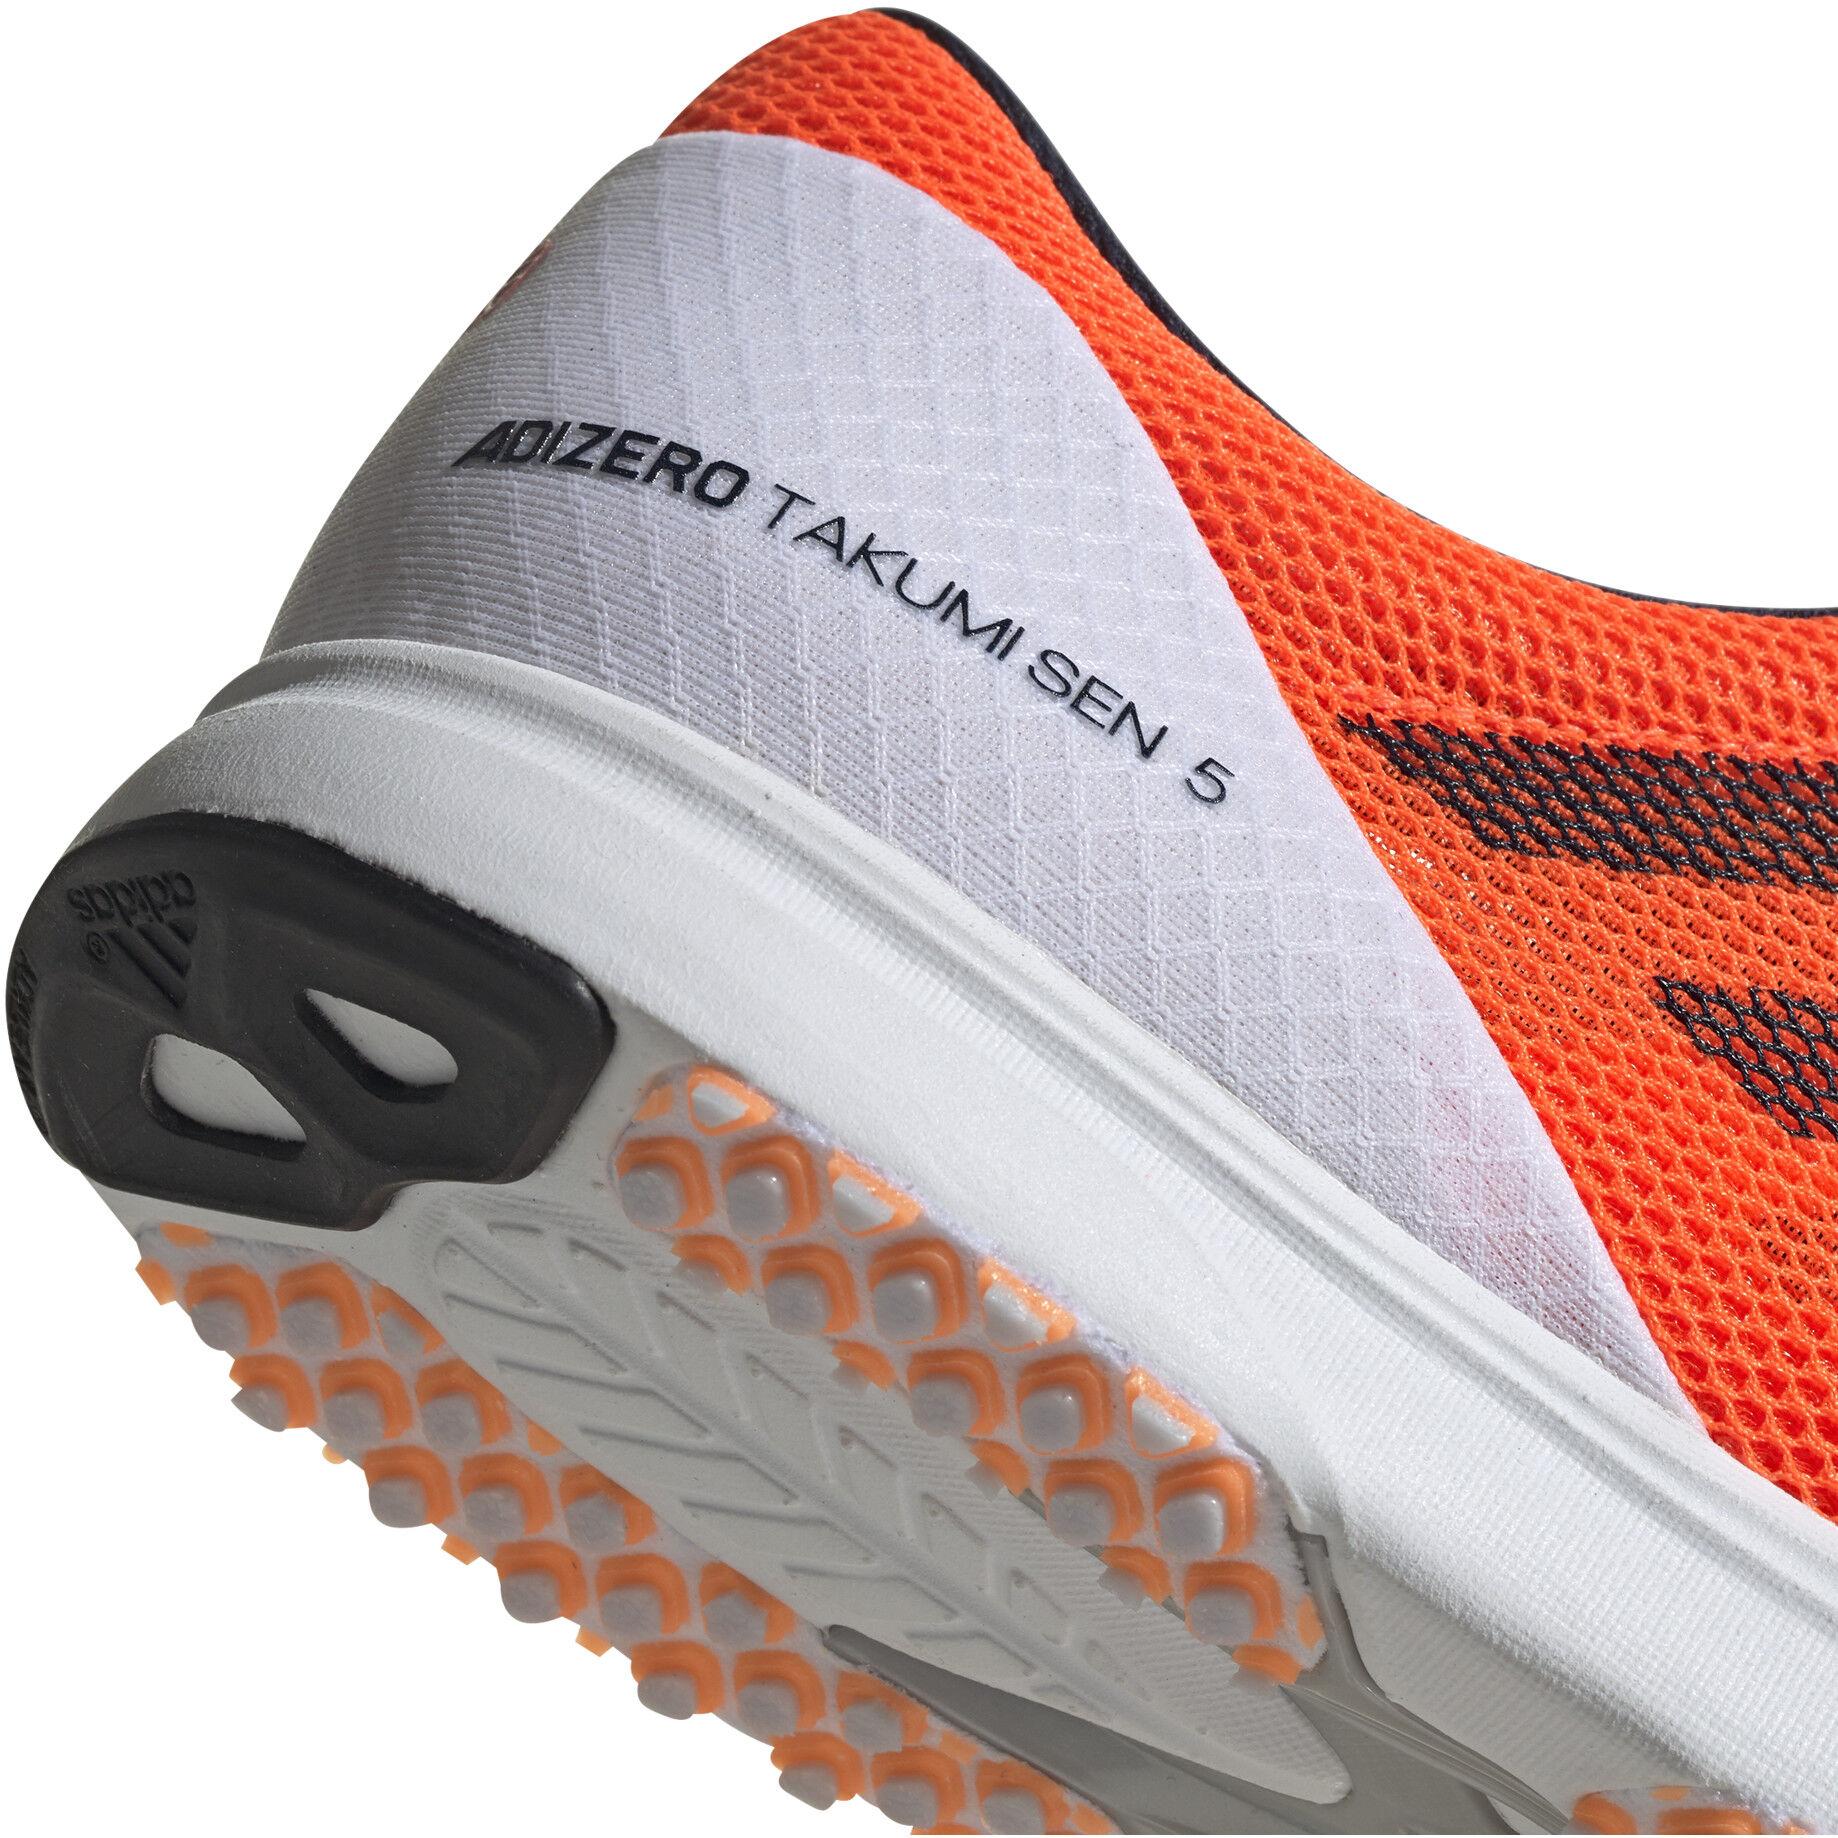 adidas Adizero Takumi Sen Low Cut Schuhe Herren footwear whitereal bluesolar orange